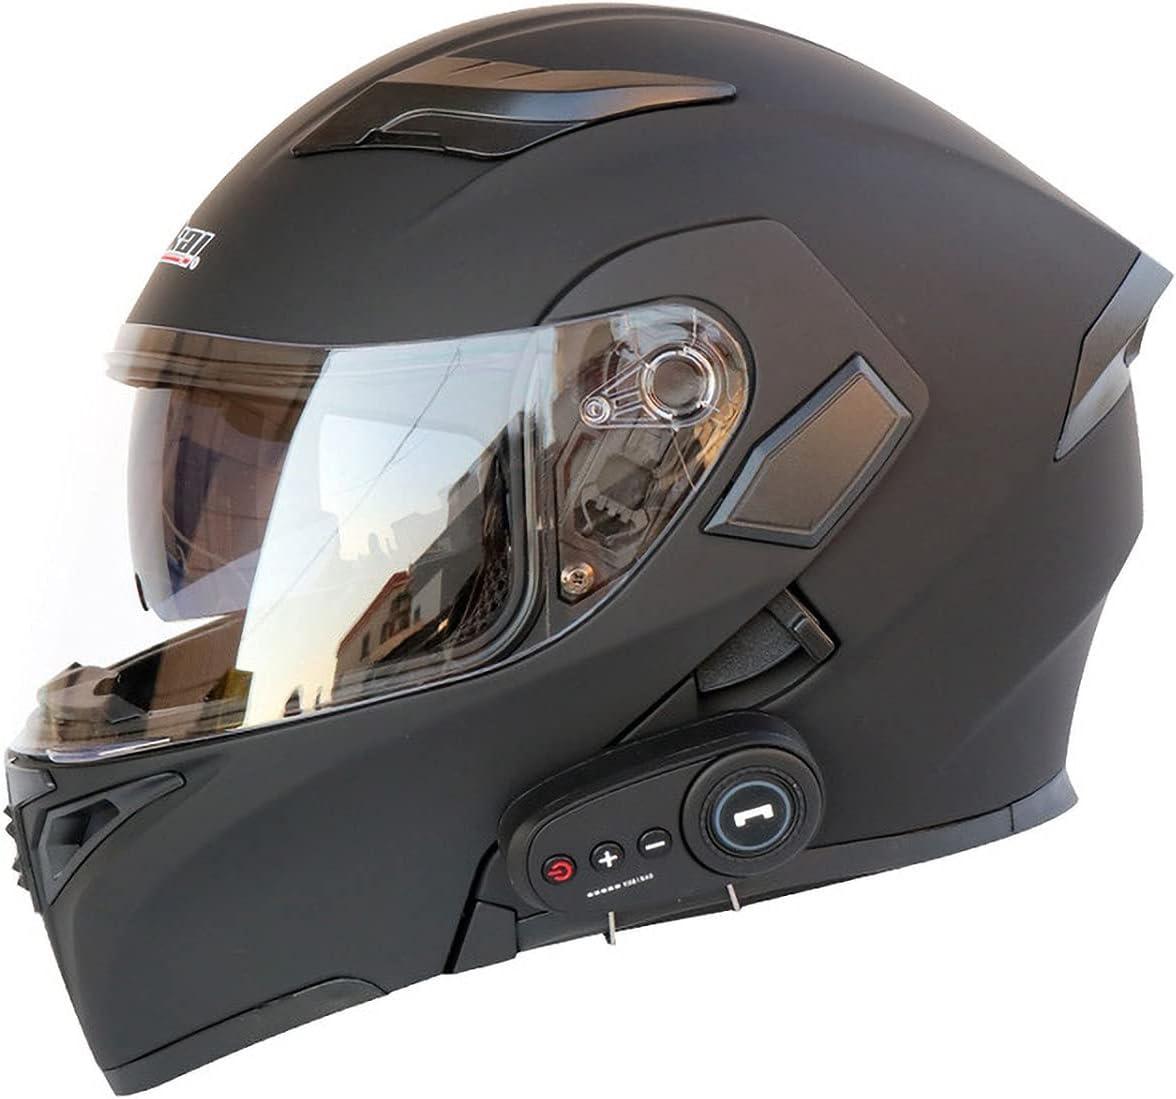 Cascos Modulare Integral Doble Lente Y Auricular Bluetooth Casco Seguridad Unisex para AutomóVil EléCtrico Que Se Puede Abrir Y Cerrar VentilacióN Certificado ECE